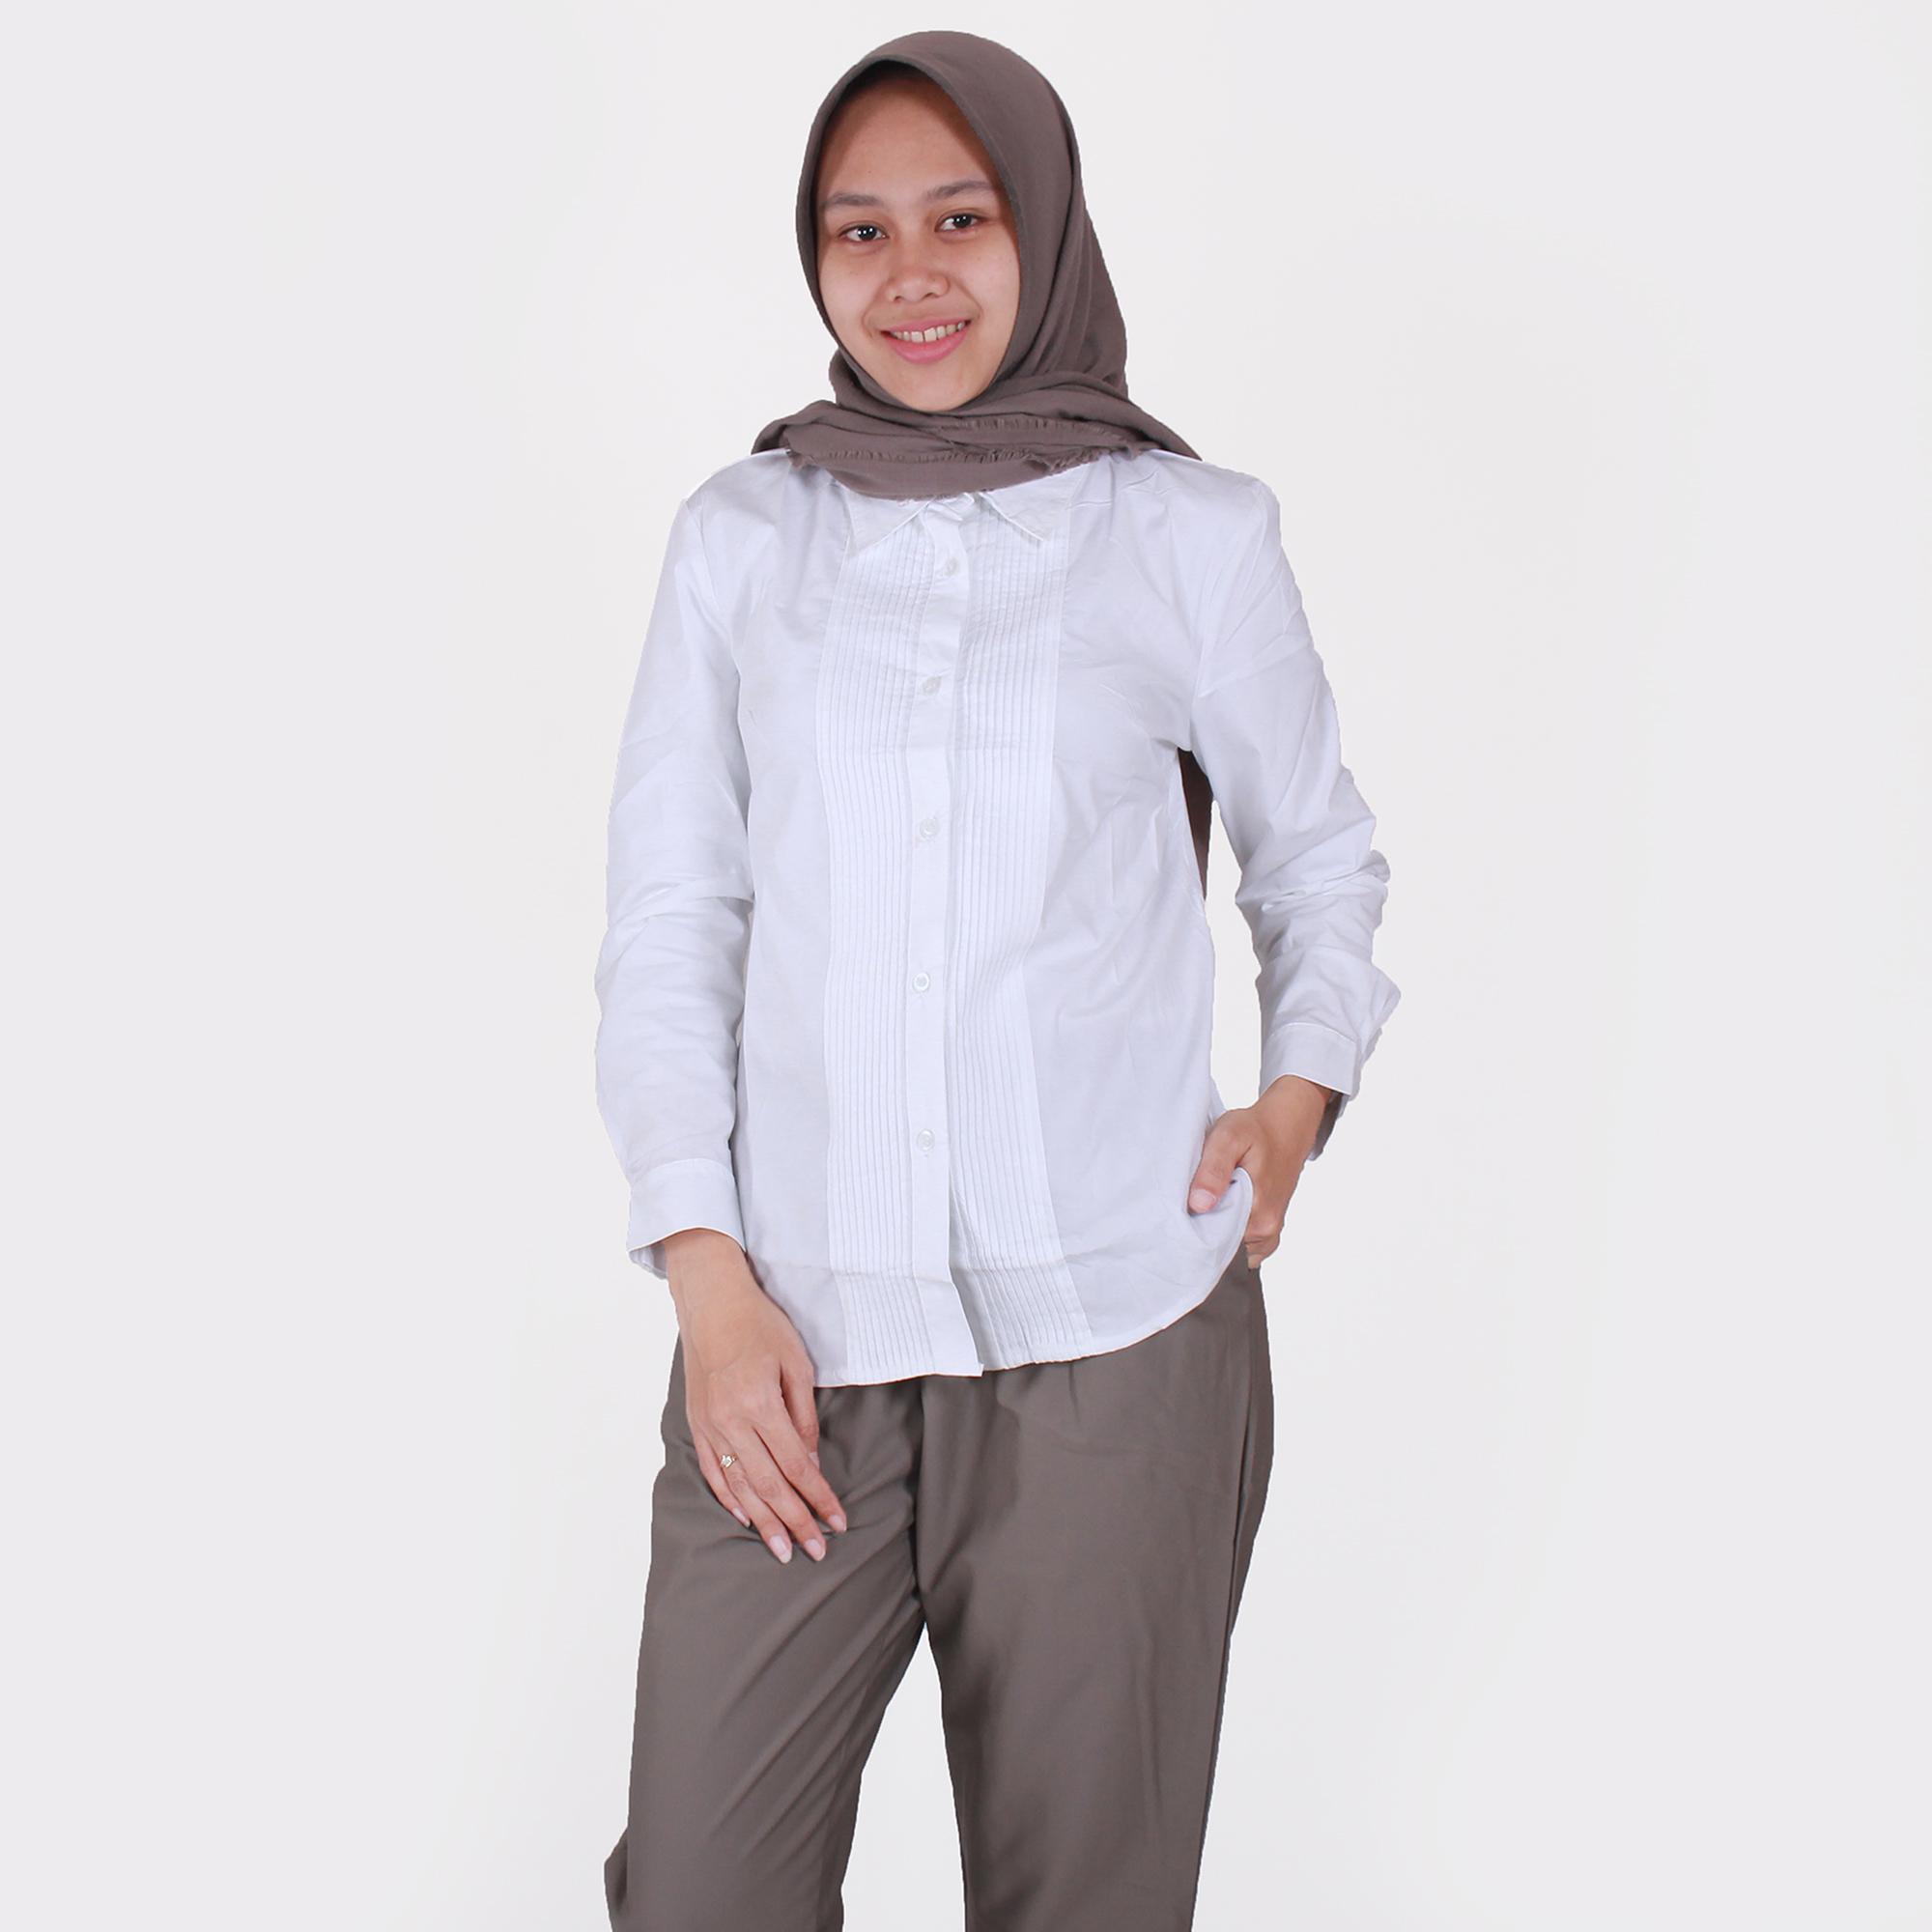 HaymeeStore Kemeja Putih Polos Wanita Baju Kantor Cewek Formal Atasan Kerja  cewe Variasi Rempel 87c20c1884